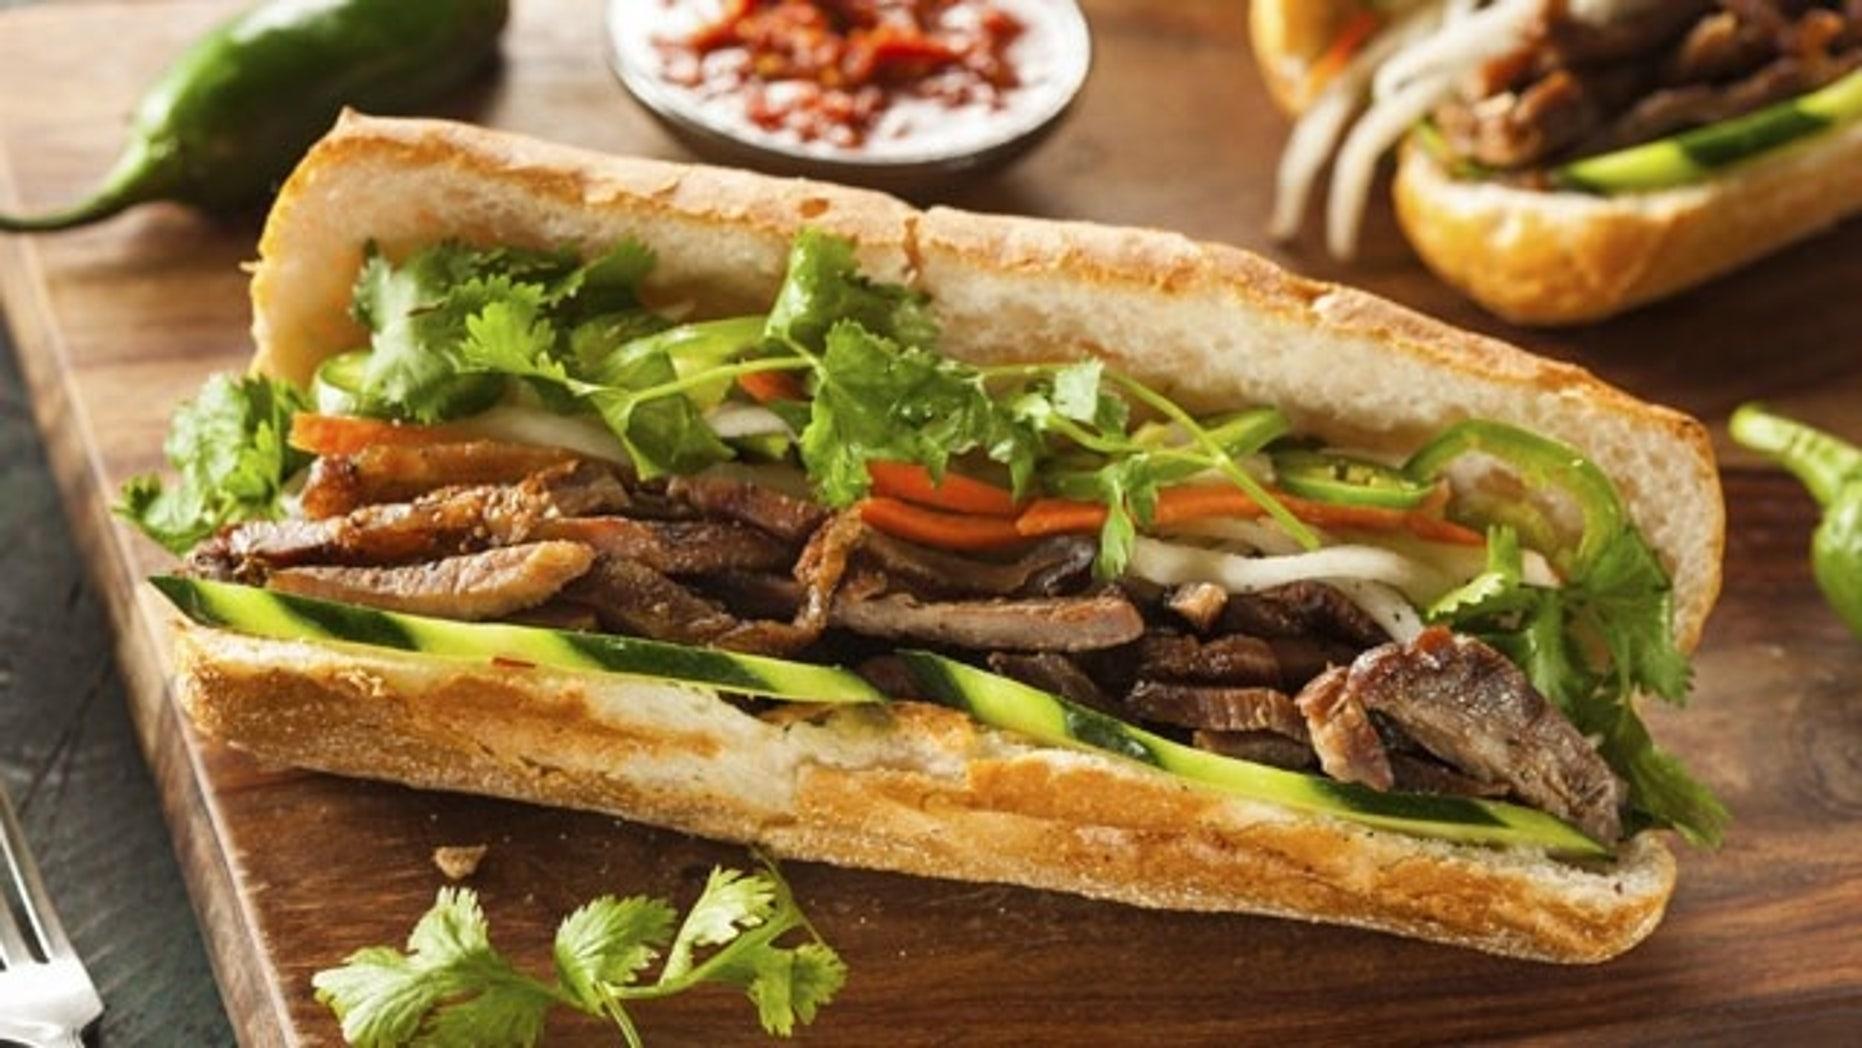 A traditional bahn mi sandwich.